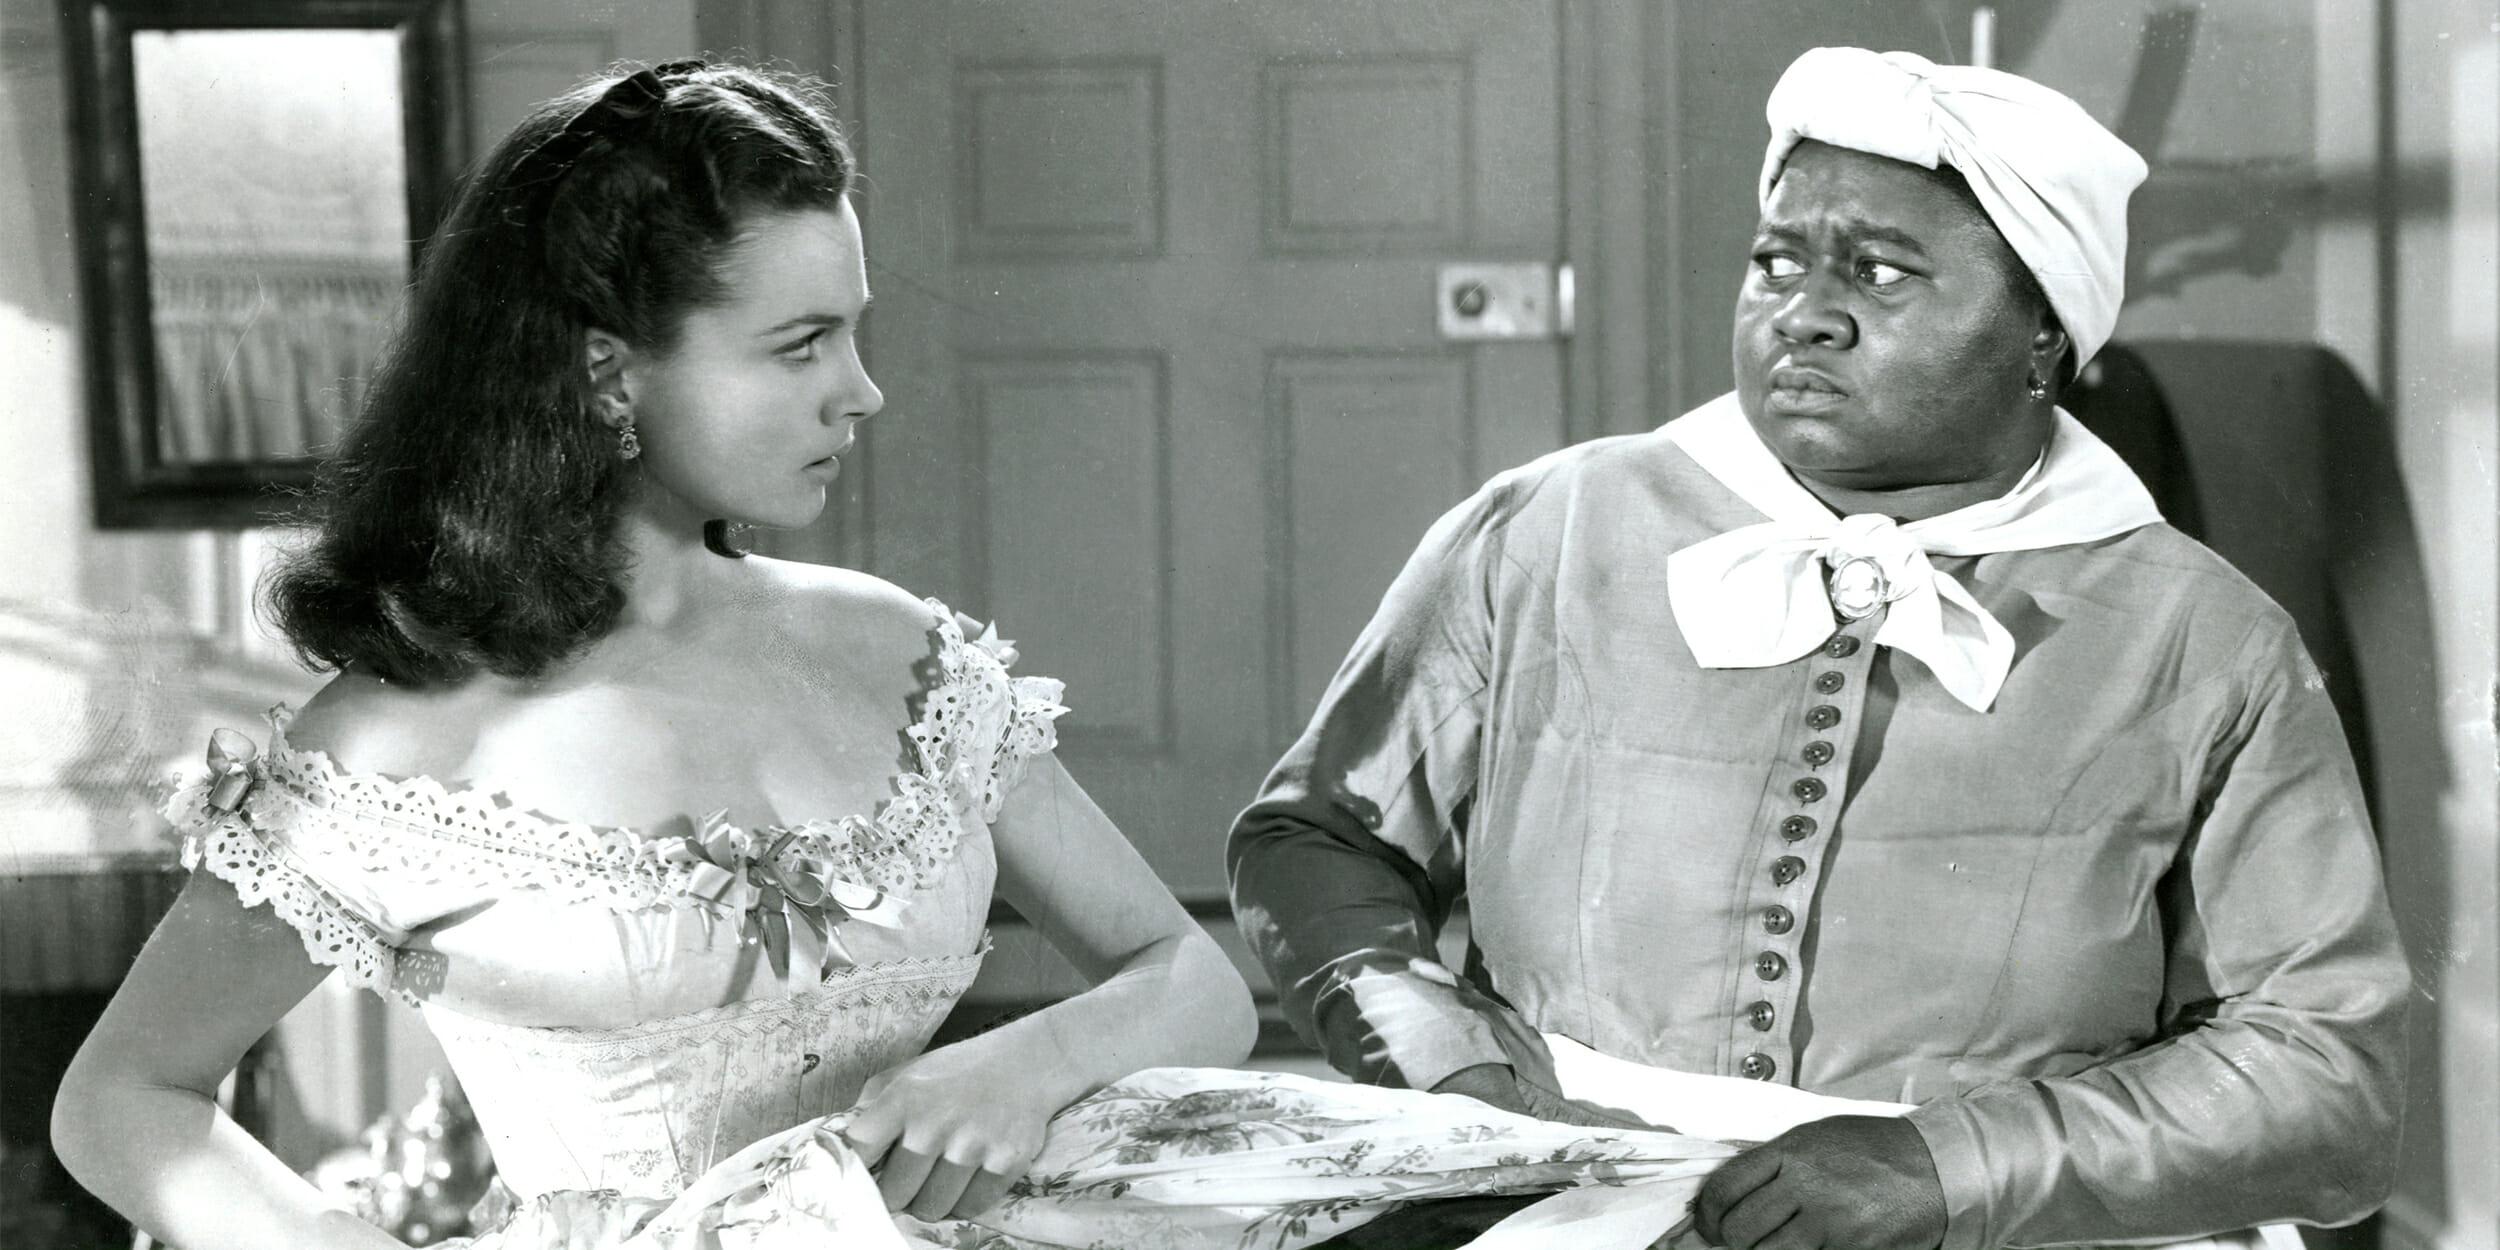 Gone With The Wind (1939) - Vivien Leigh & Hattie McDaniel